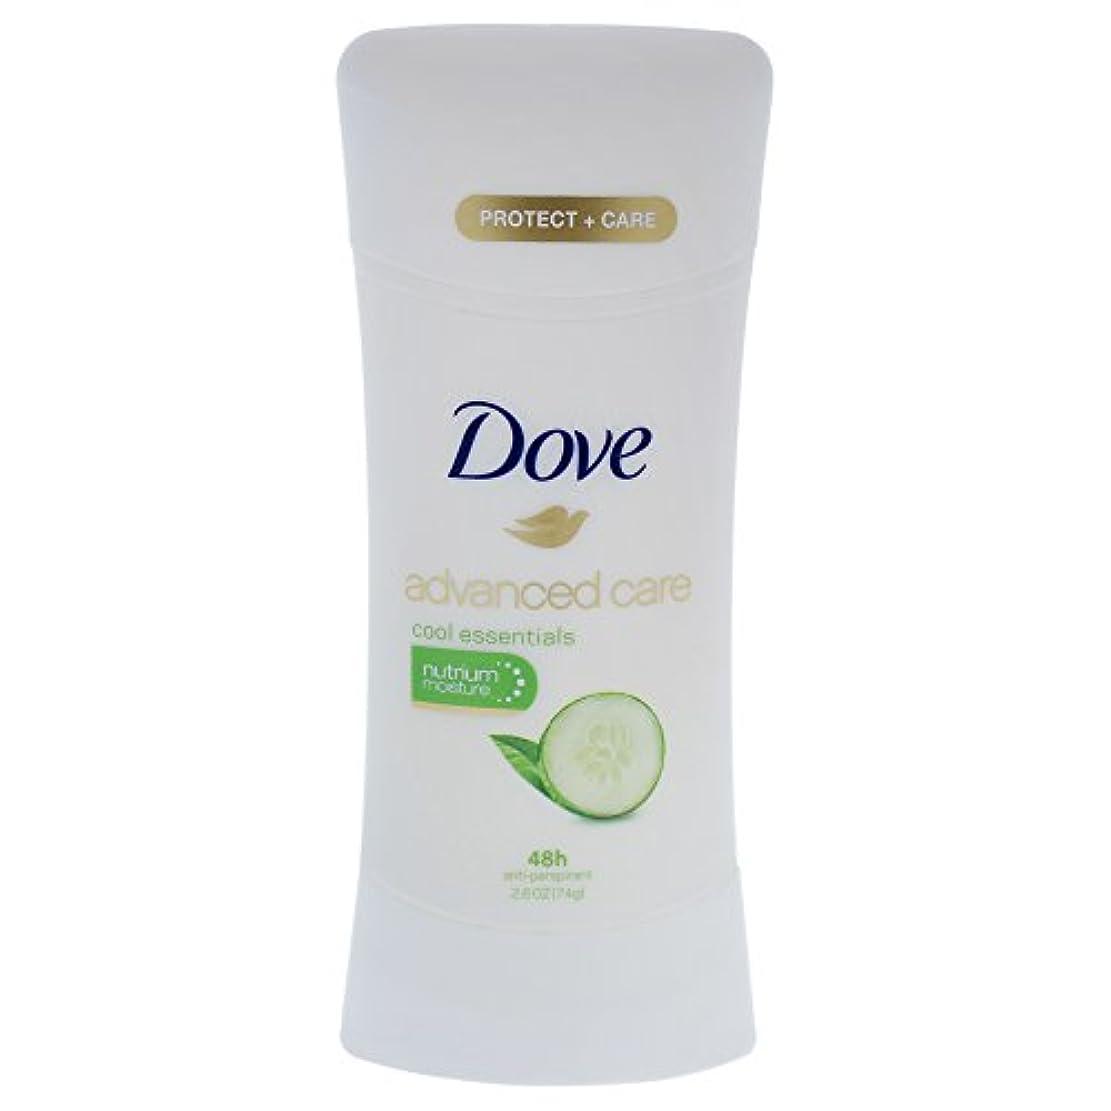 感謝祭位置づける手のひらDove Advanced Care Cool Essentials Deodorant - 2.6oz ダブ アドバンスド ケア クールエッセンシャル デオドラント 74g [並行輸入品]